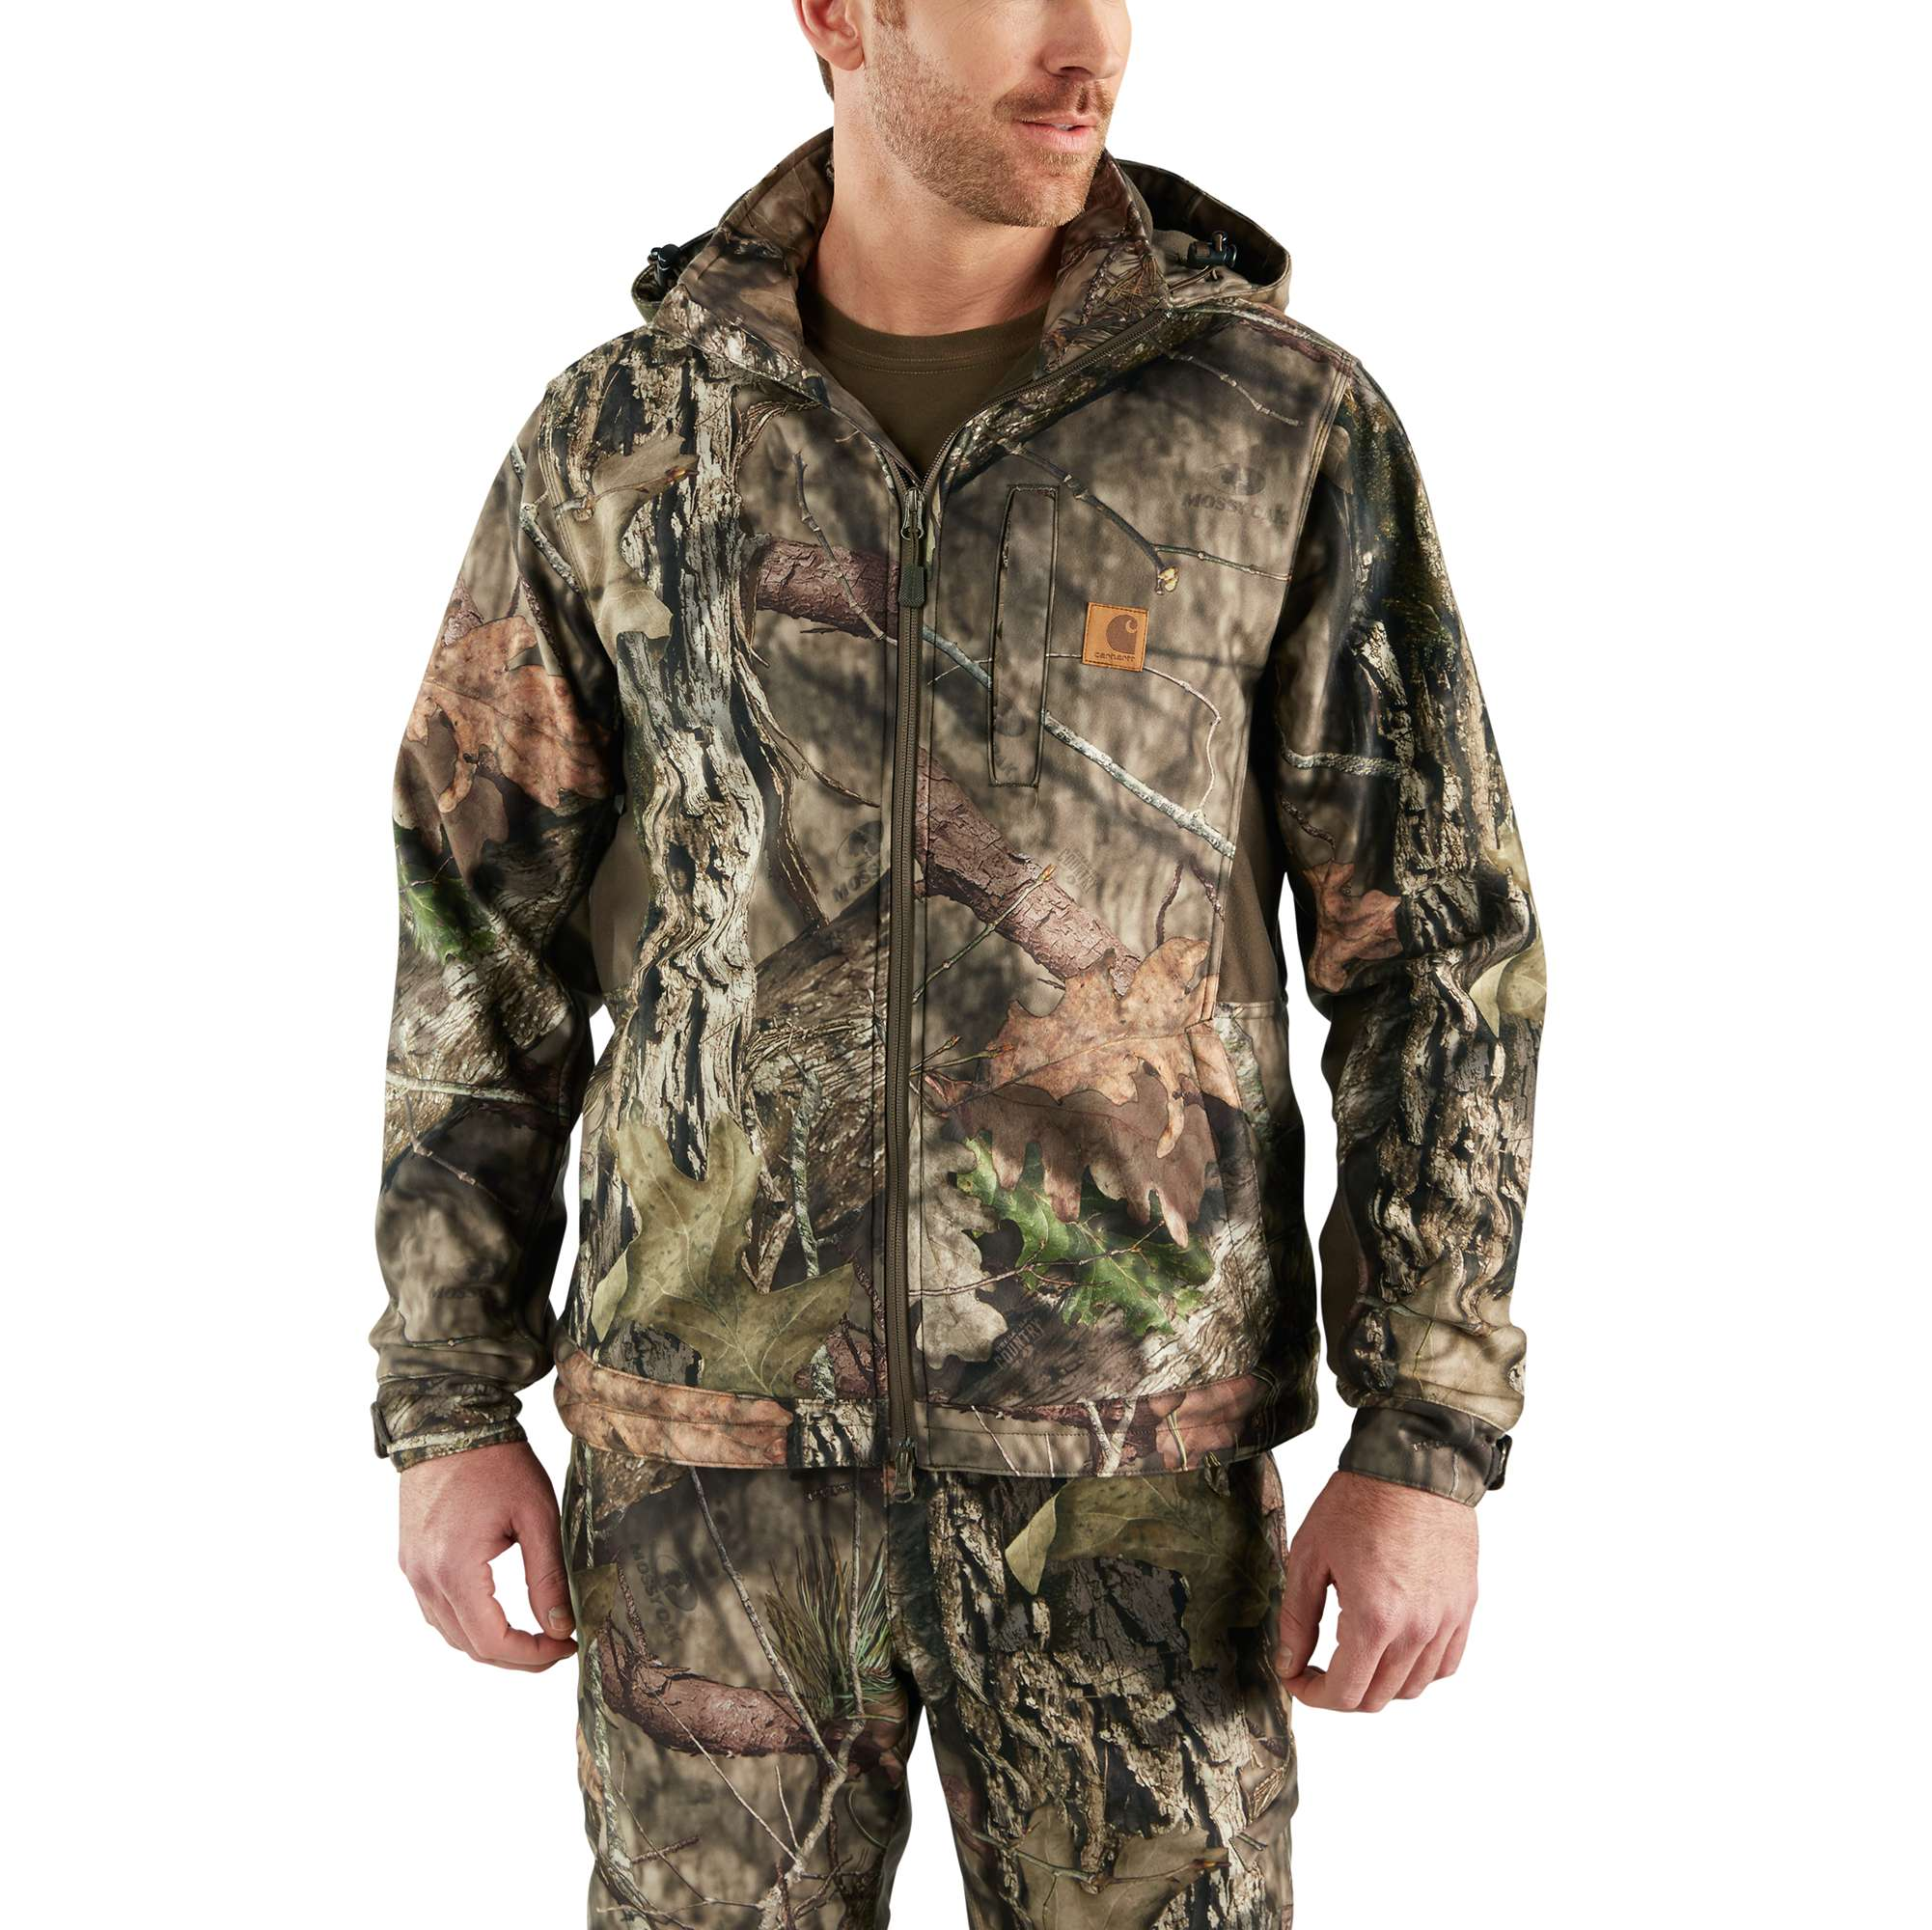 Carhartt Buckfield Camo Jacket